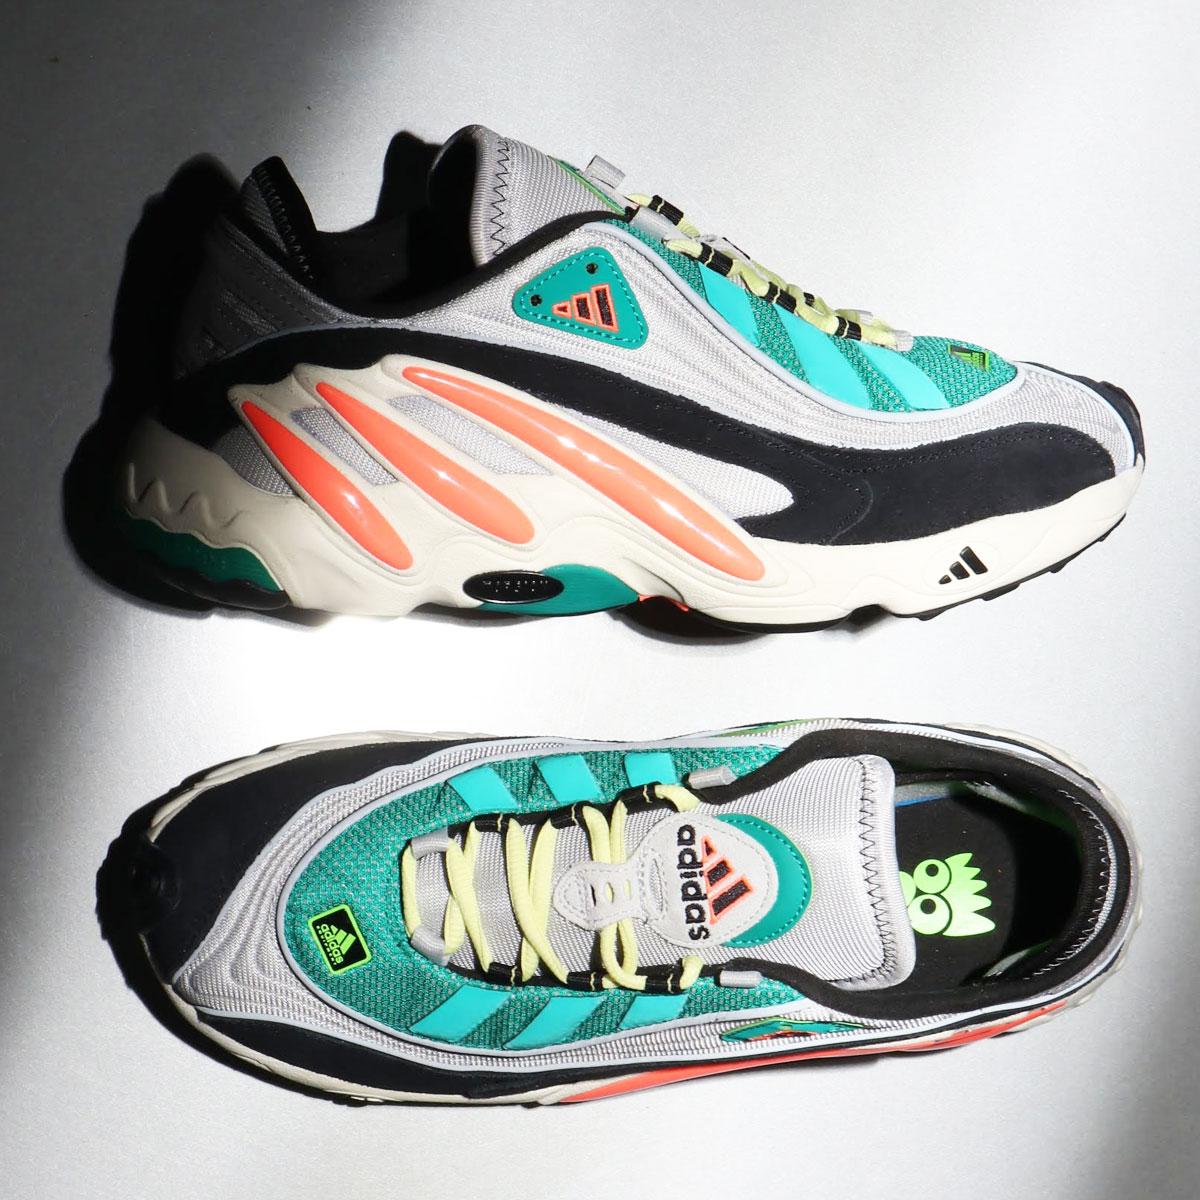 adidas FYW 98(アディダス エフワイダブル 98)GRAY TWO/SIGNAL CORAL/YELLOW TINT【メンズ レディース スニーカー】20SS-I